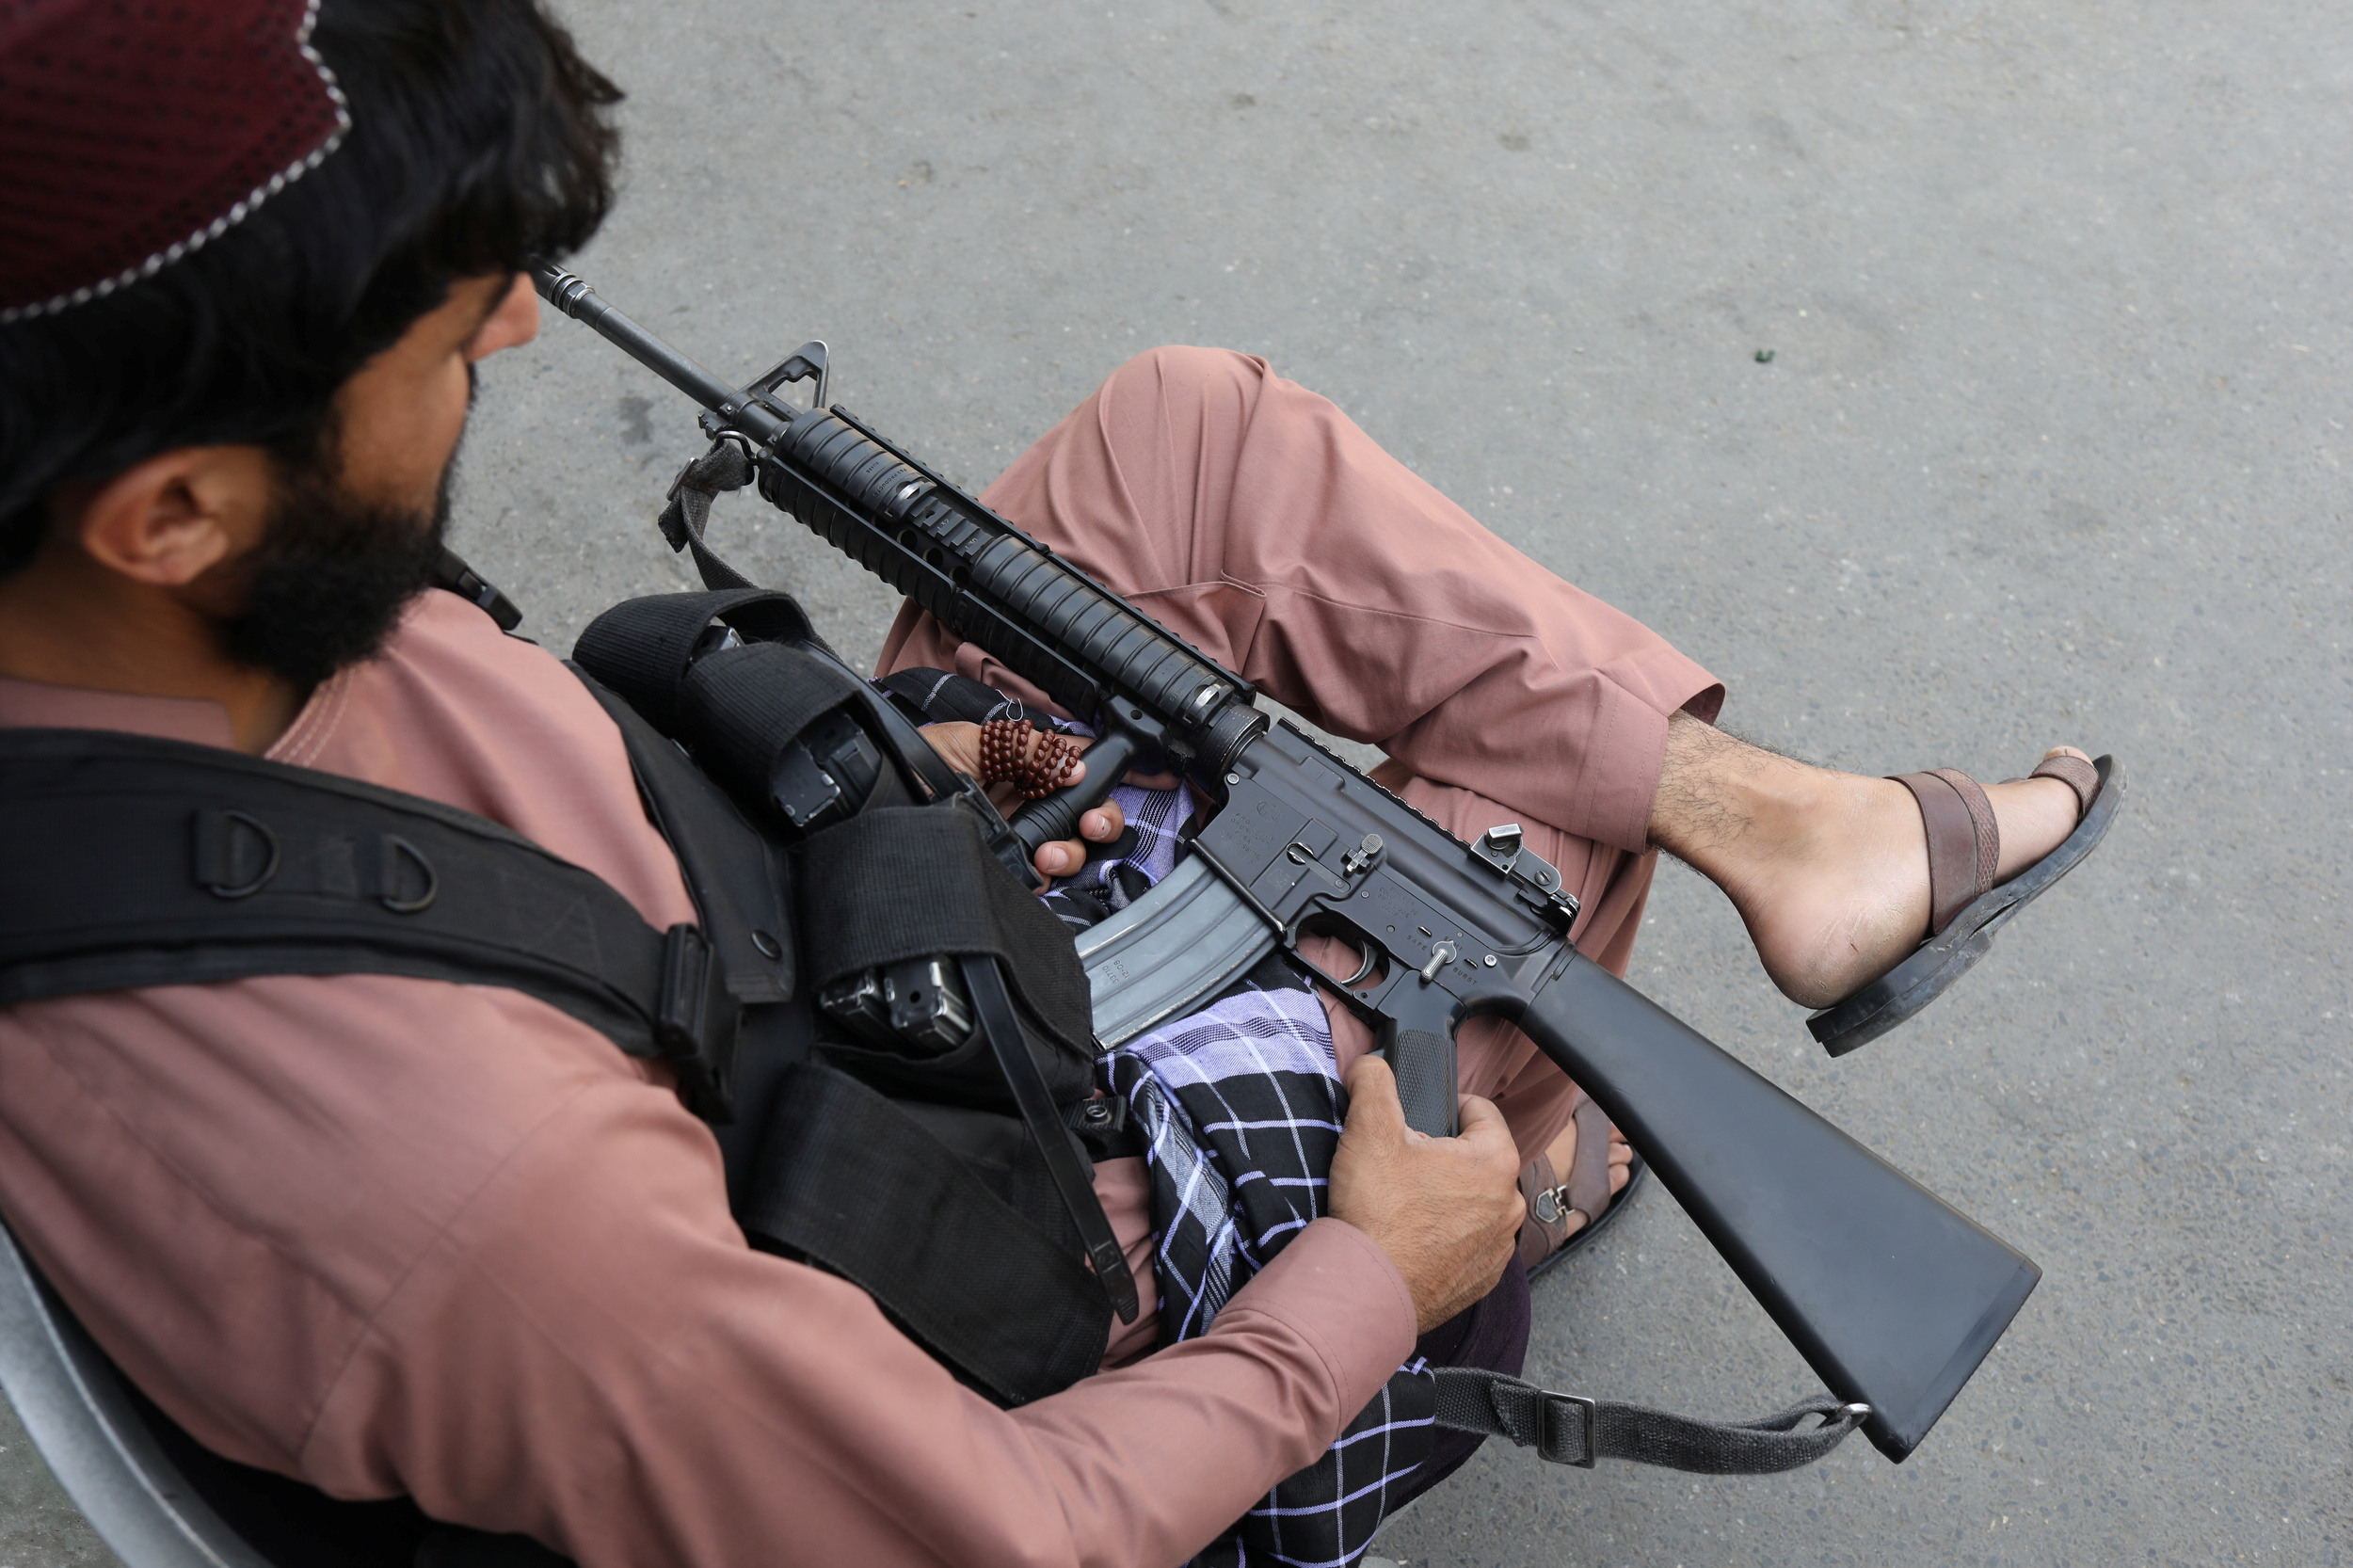 Τιμωρία αλά… Ταλιμπάν: Έκλεψε λάστιχα, του τα φόρεσαν στο λαιμό και τον γύριζαν στους δρόμους